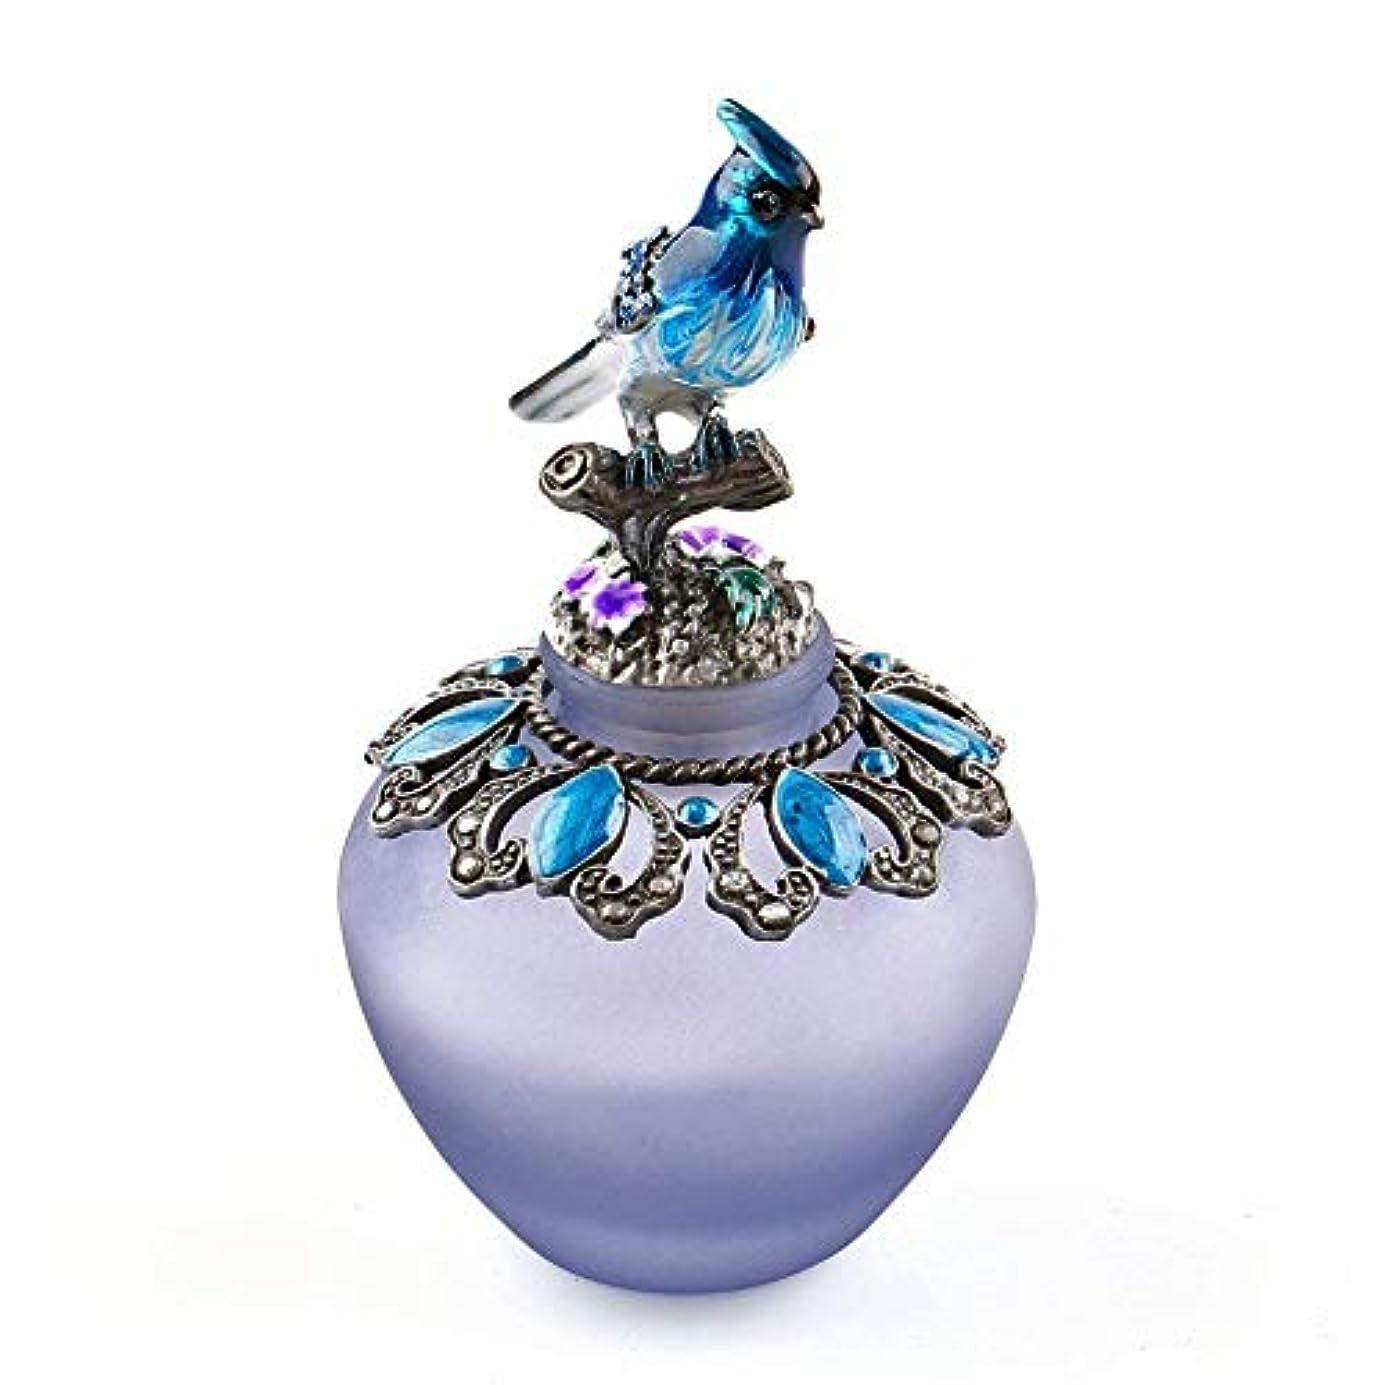 呼び起こす降伏エスカレーターEasyRaku 高品質 美しい香水瓶 鳥40ML ガラスアロマボトル 綺麗アンティーク調欧風デザイン クリスマスプレゼント 結婚式 飾り